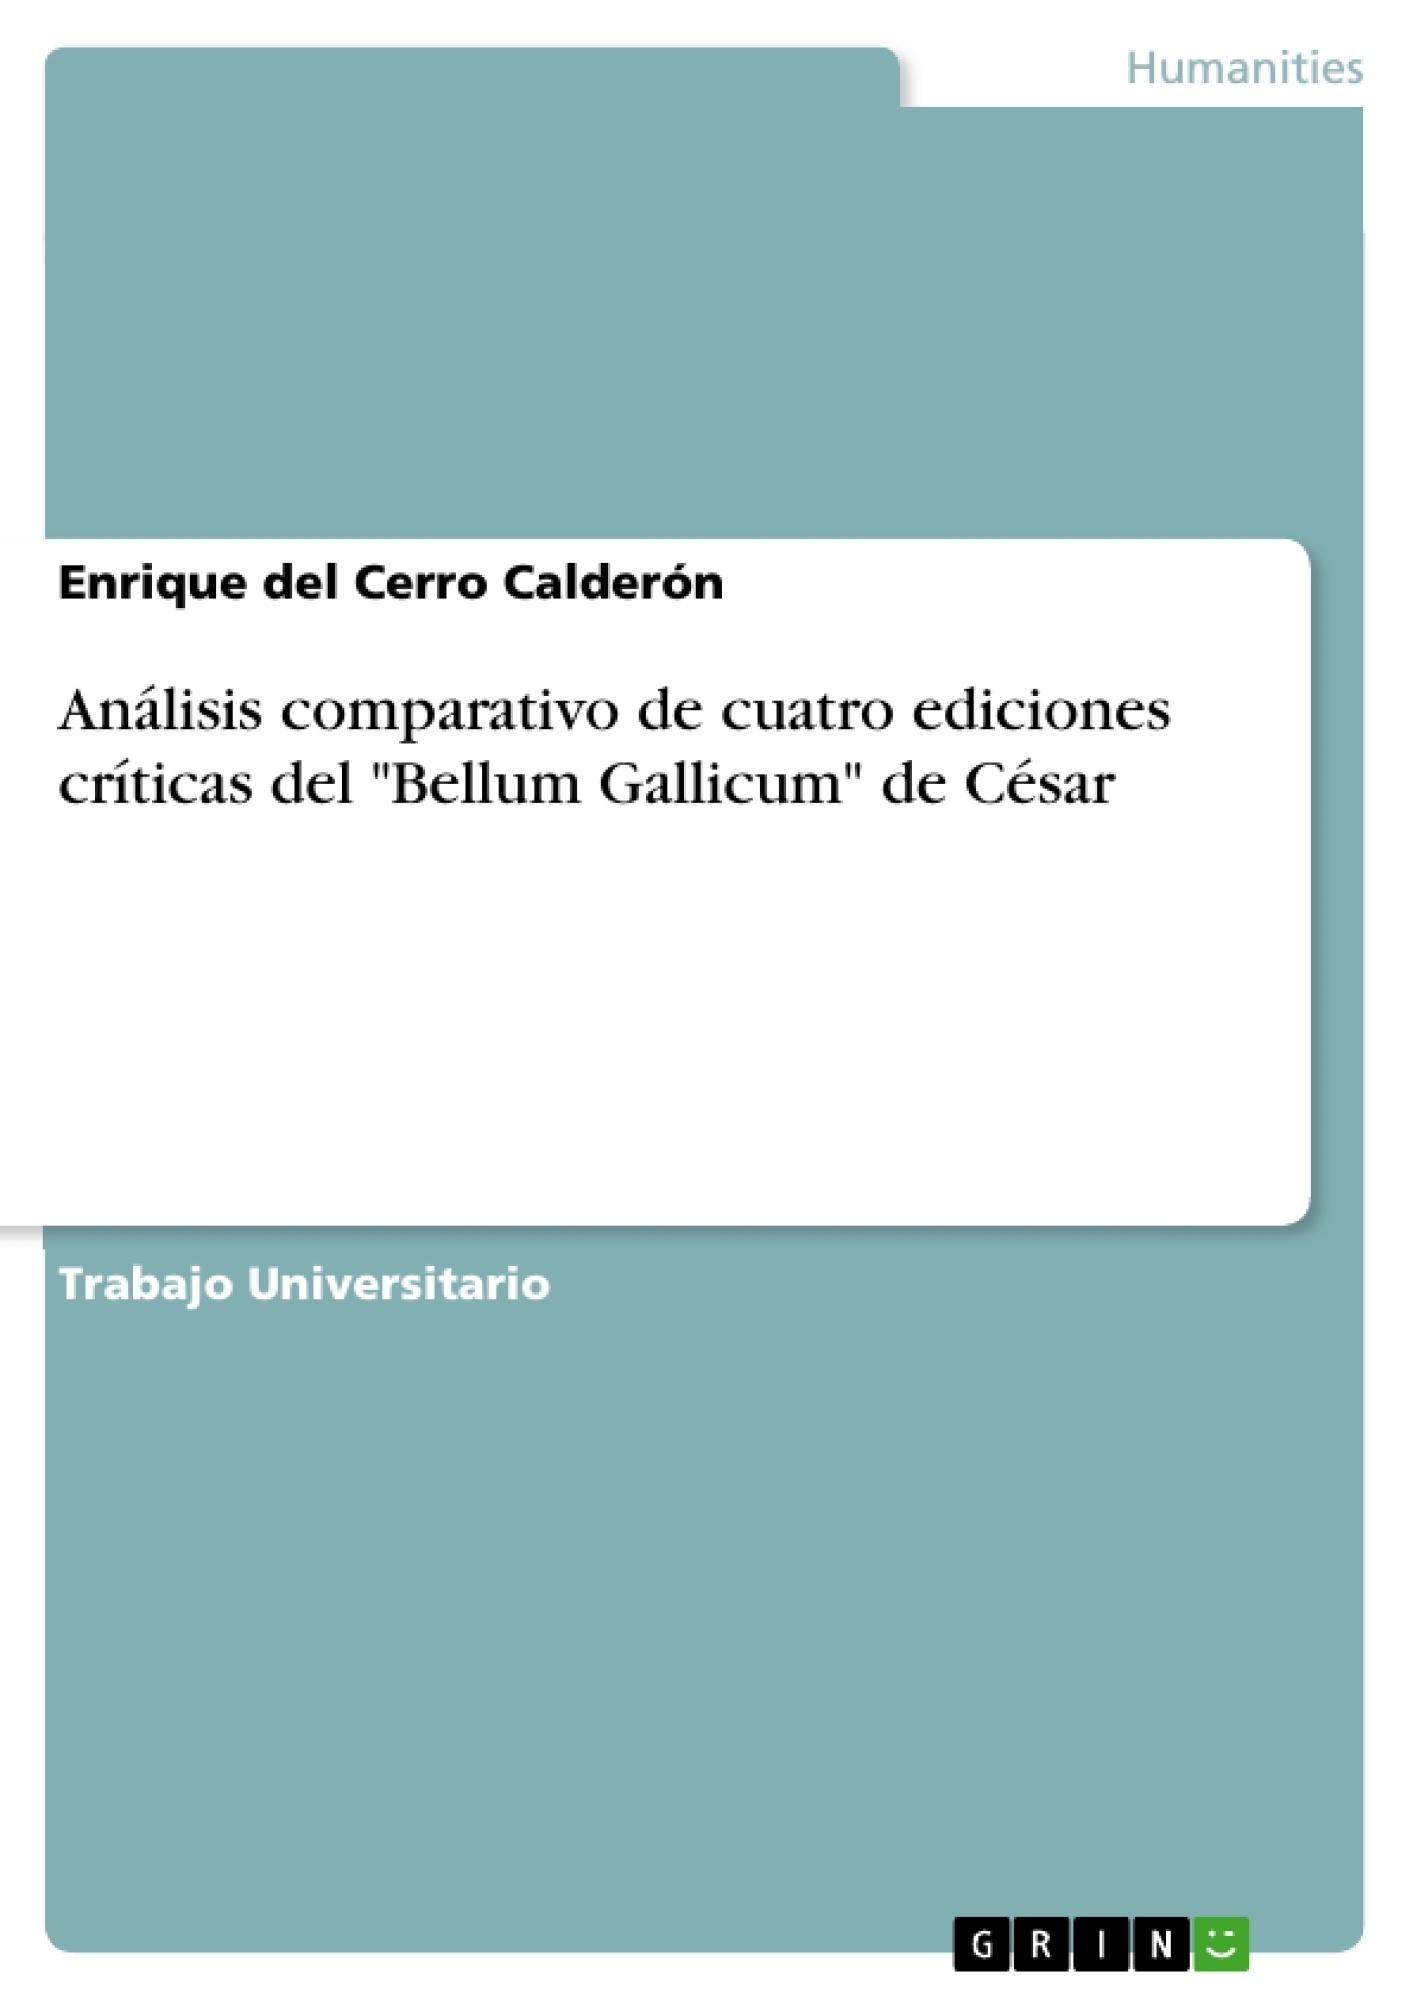 """Título: Análisis comparativo de cuatro ediciones críticas del """"Bellum Gallicum"""" de César"""